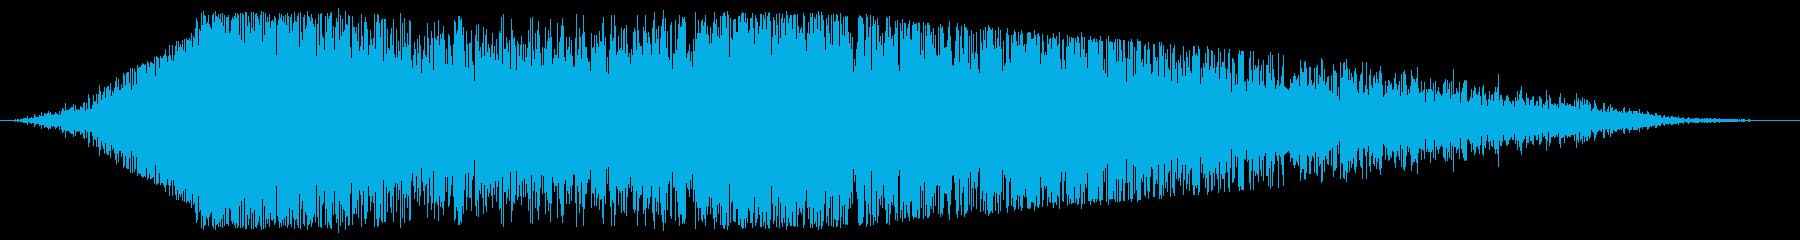 データスライド変換の再生済みの波形